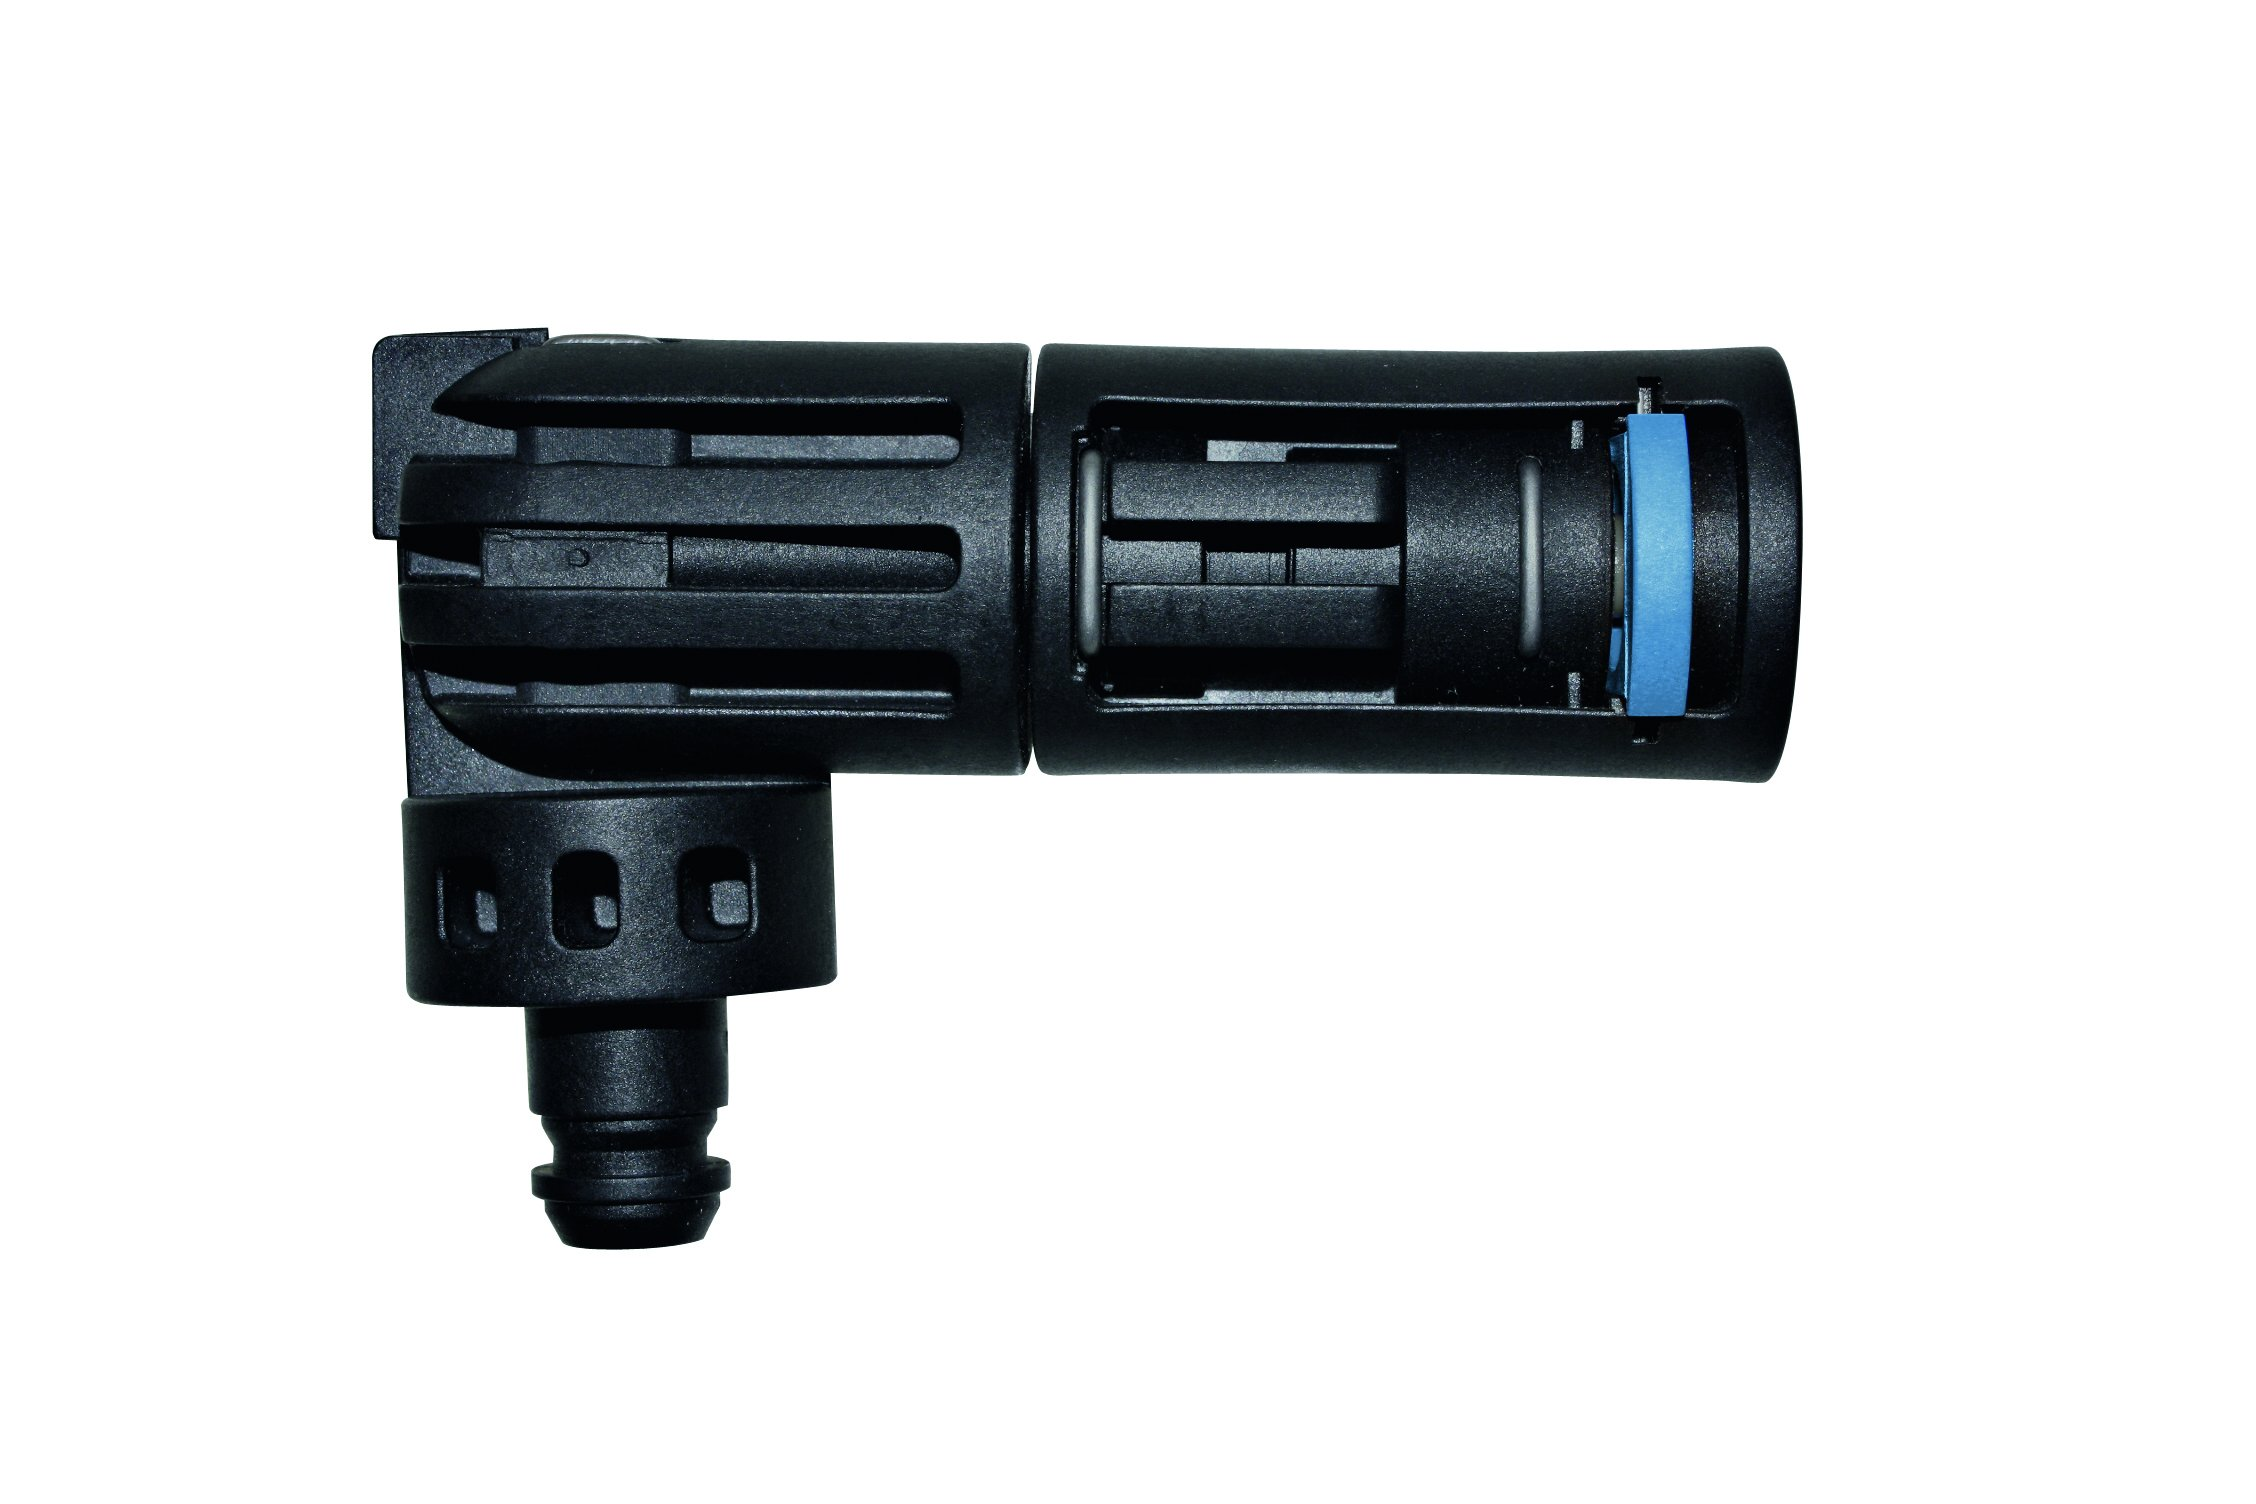 Nilfisk-6411138-Click-und-Clean-Multi-Winkel-Adapter-Hochdruckreiniger-Zubehr-90-Grad